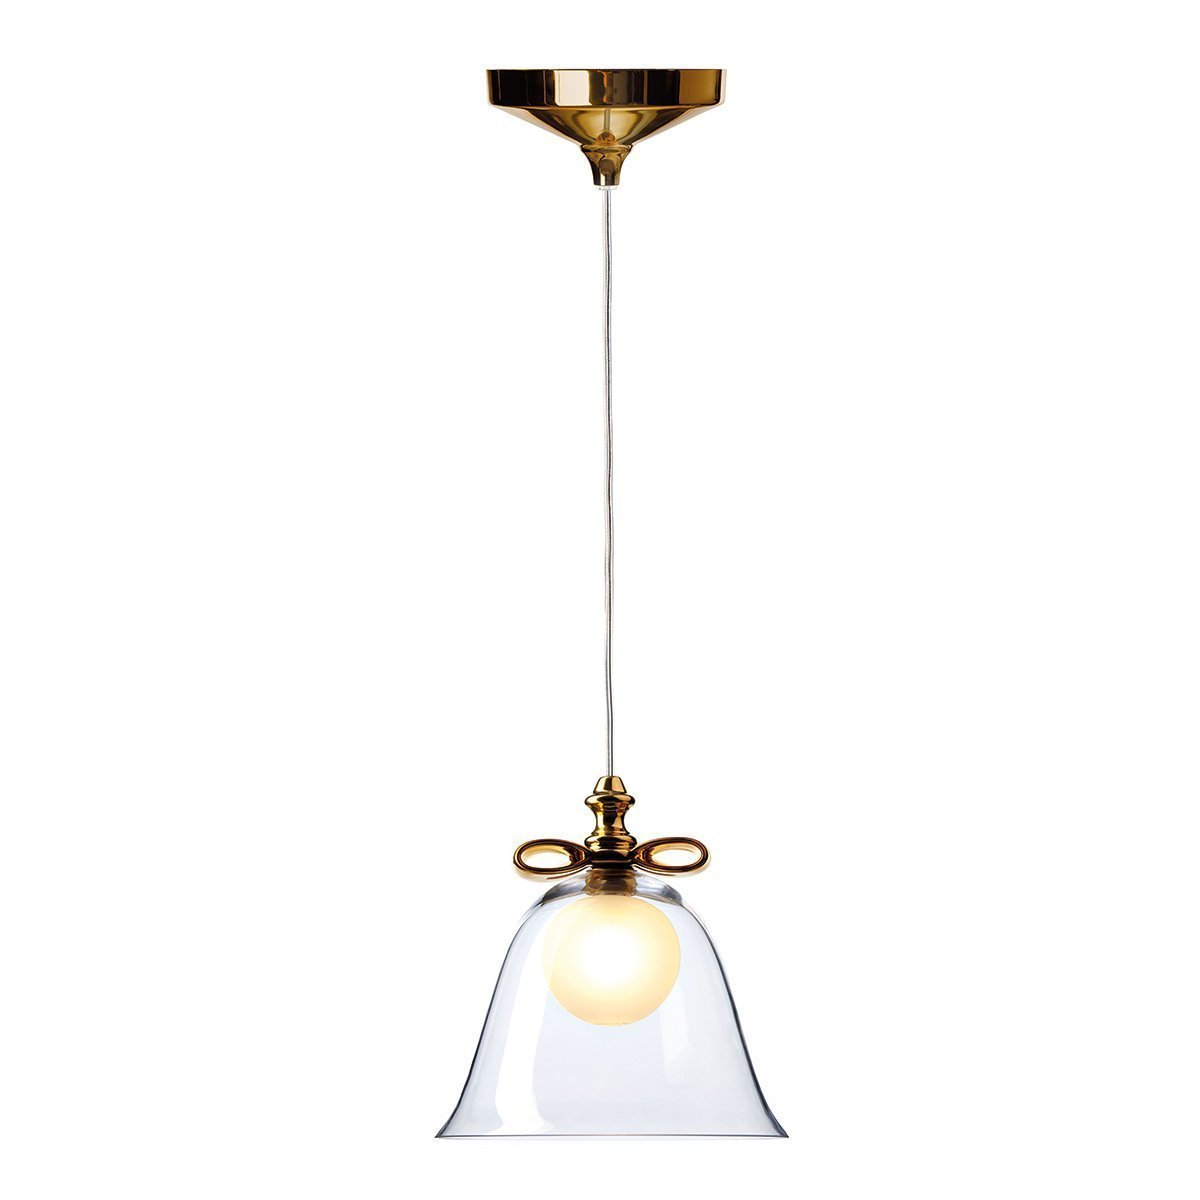 Moooi Bell Hanglamp Small